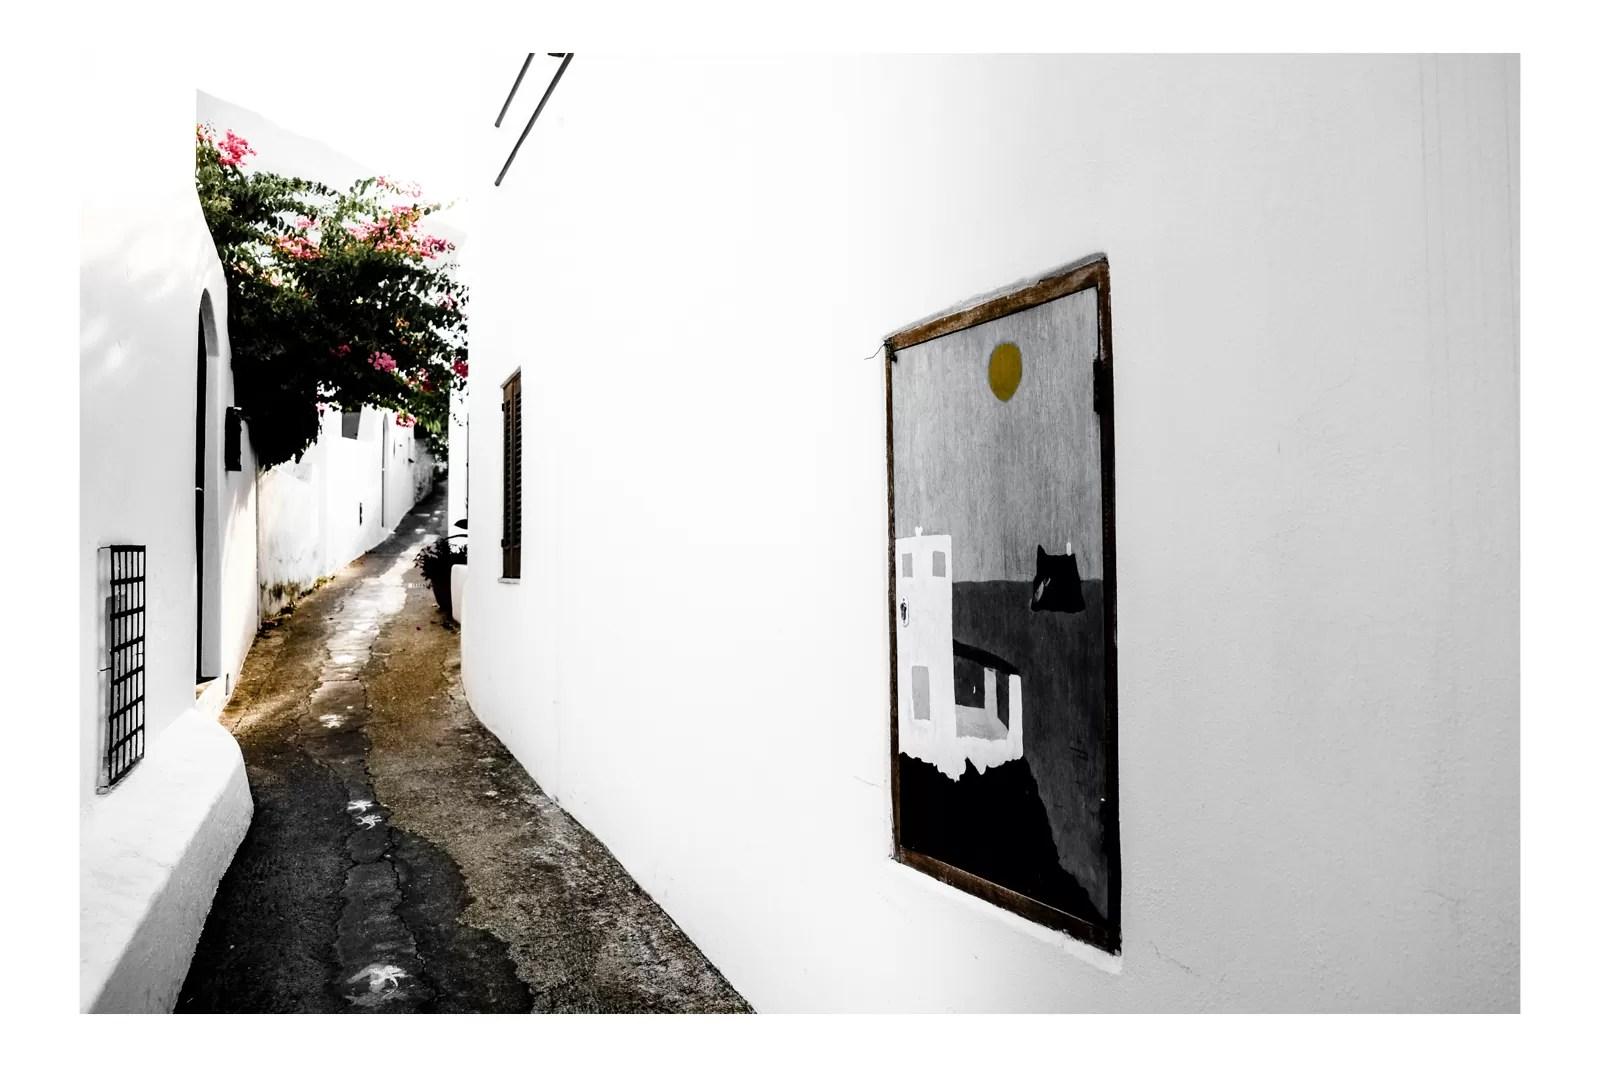 DSCF1436 - Aeolian Style - fotostreet.it